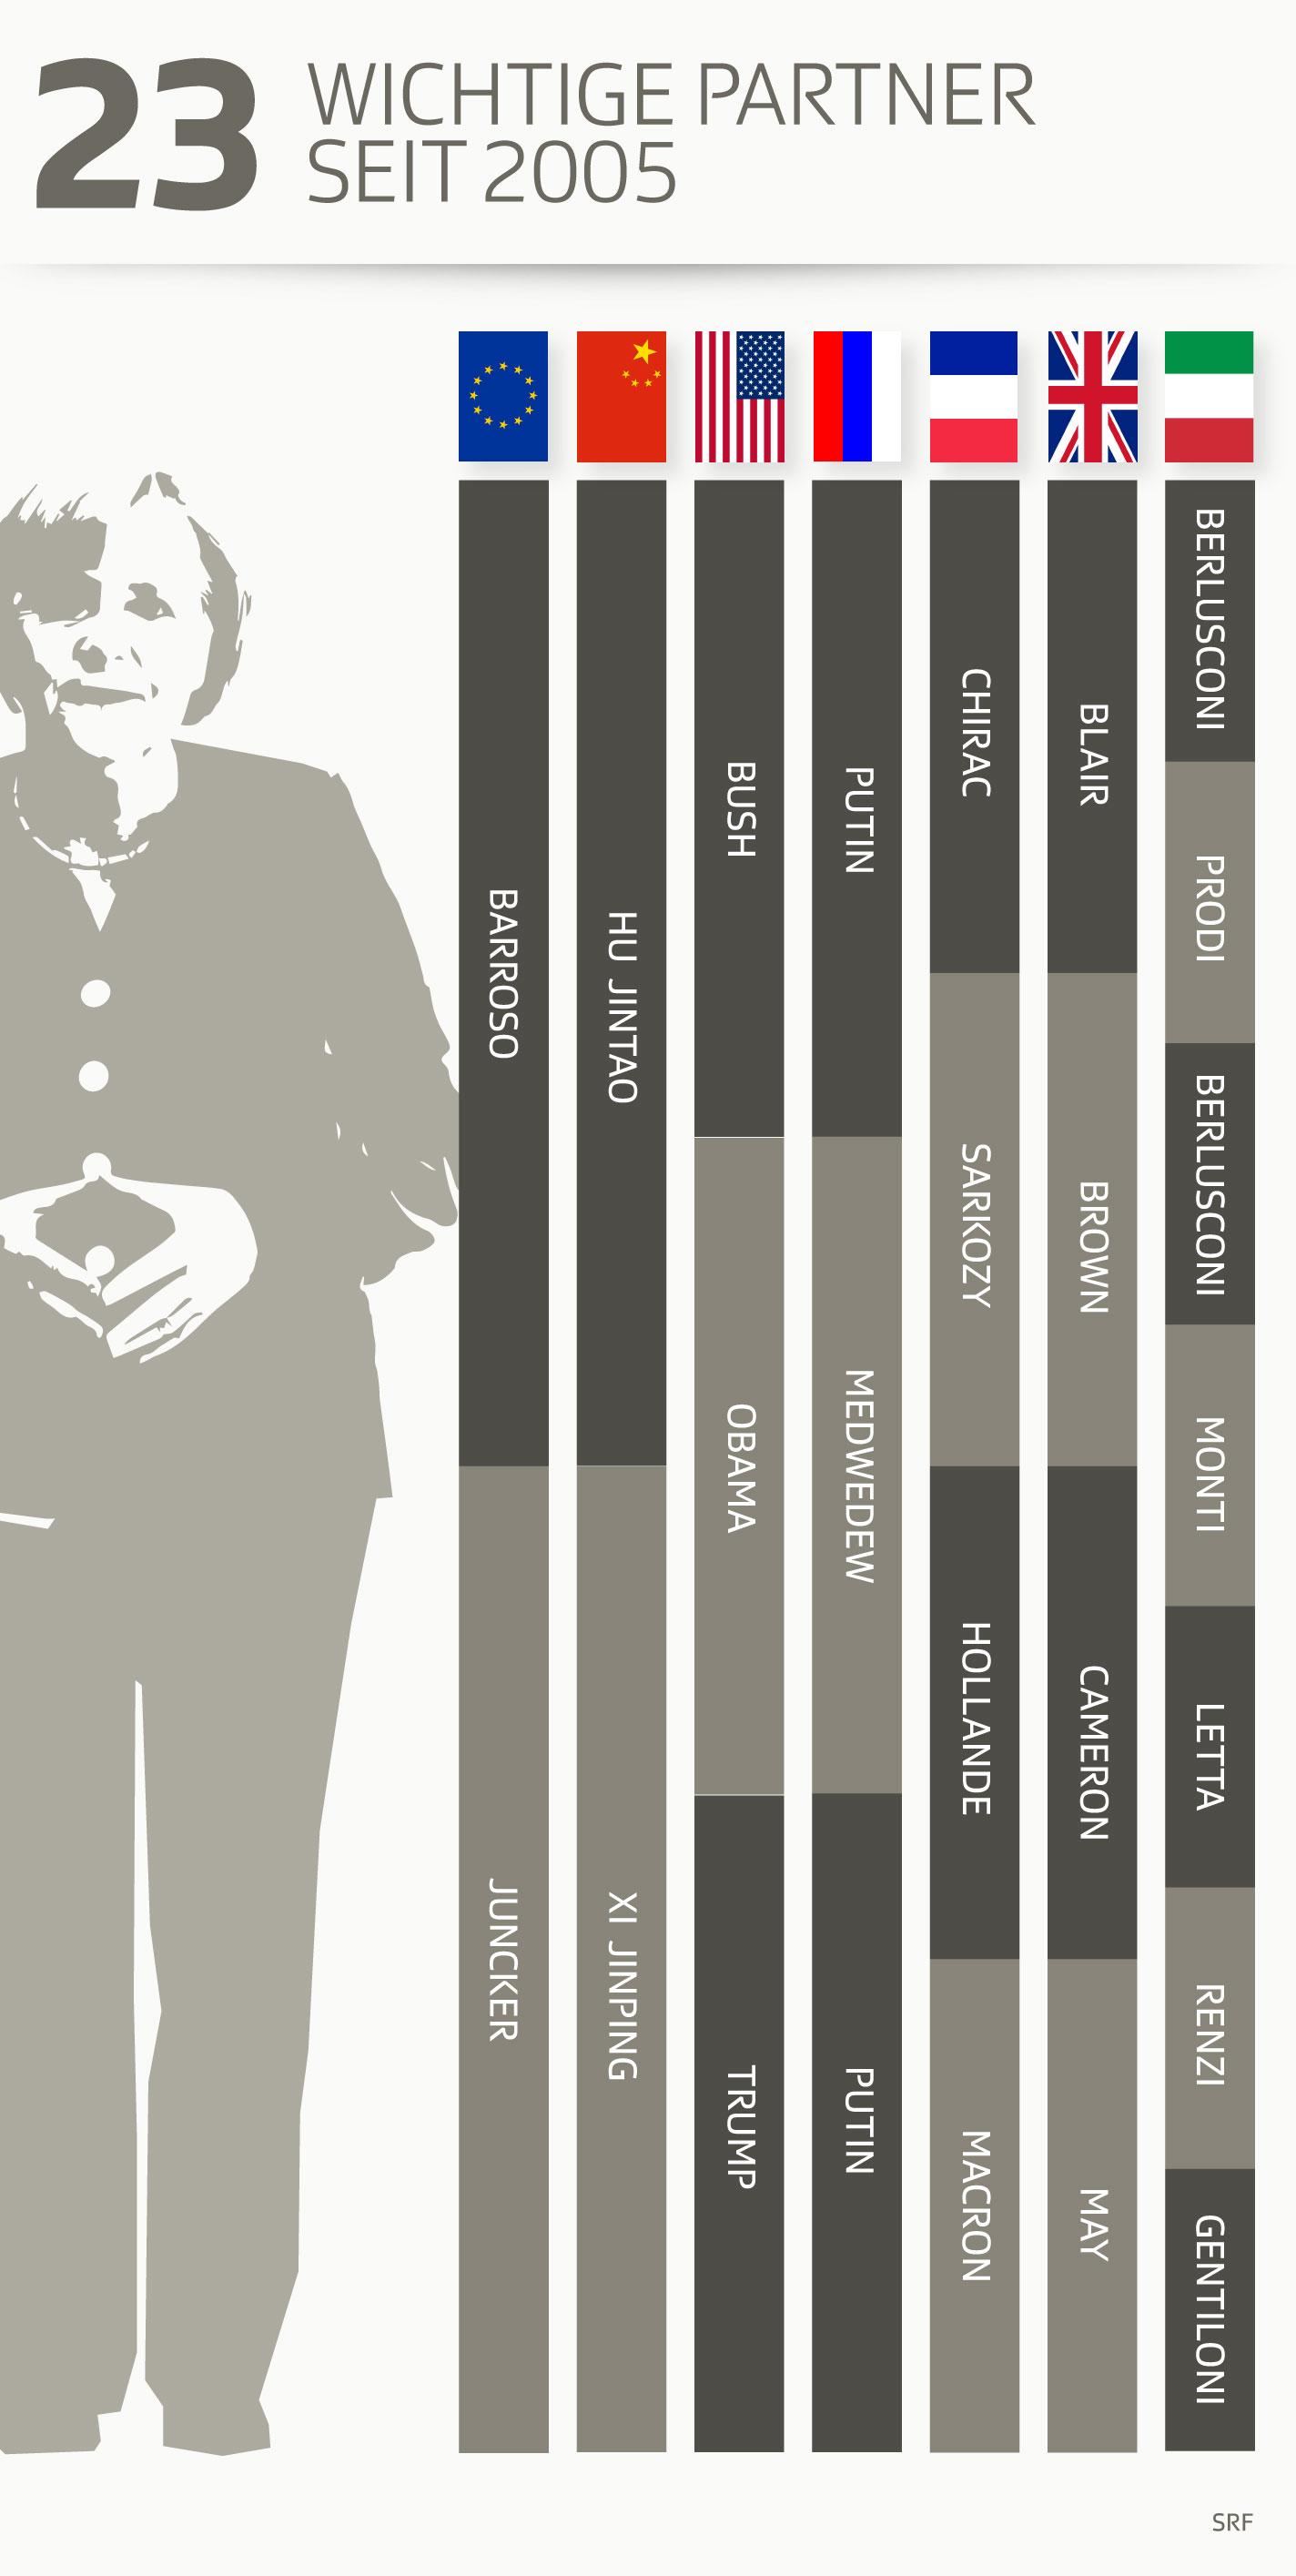 Staats- und Regierungschefs während Angela Merkels Kanzlerschaft